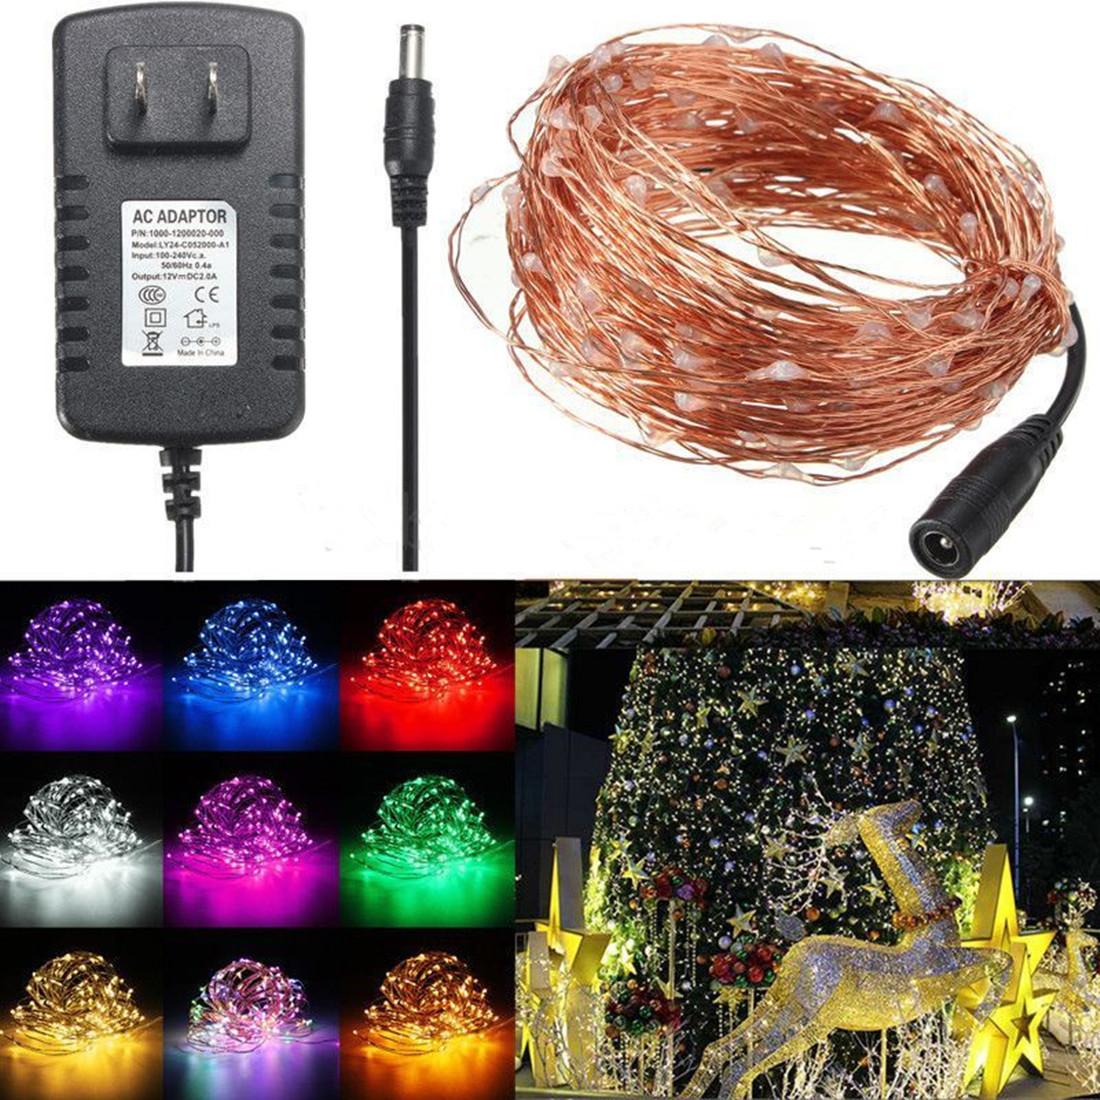 20m 200 led guirlande lumineuse ext rieure f te dc 12v 2a adaptateur d cor vert achat vente - Guirlande lumineuse exterieur 20m ...